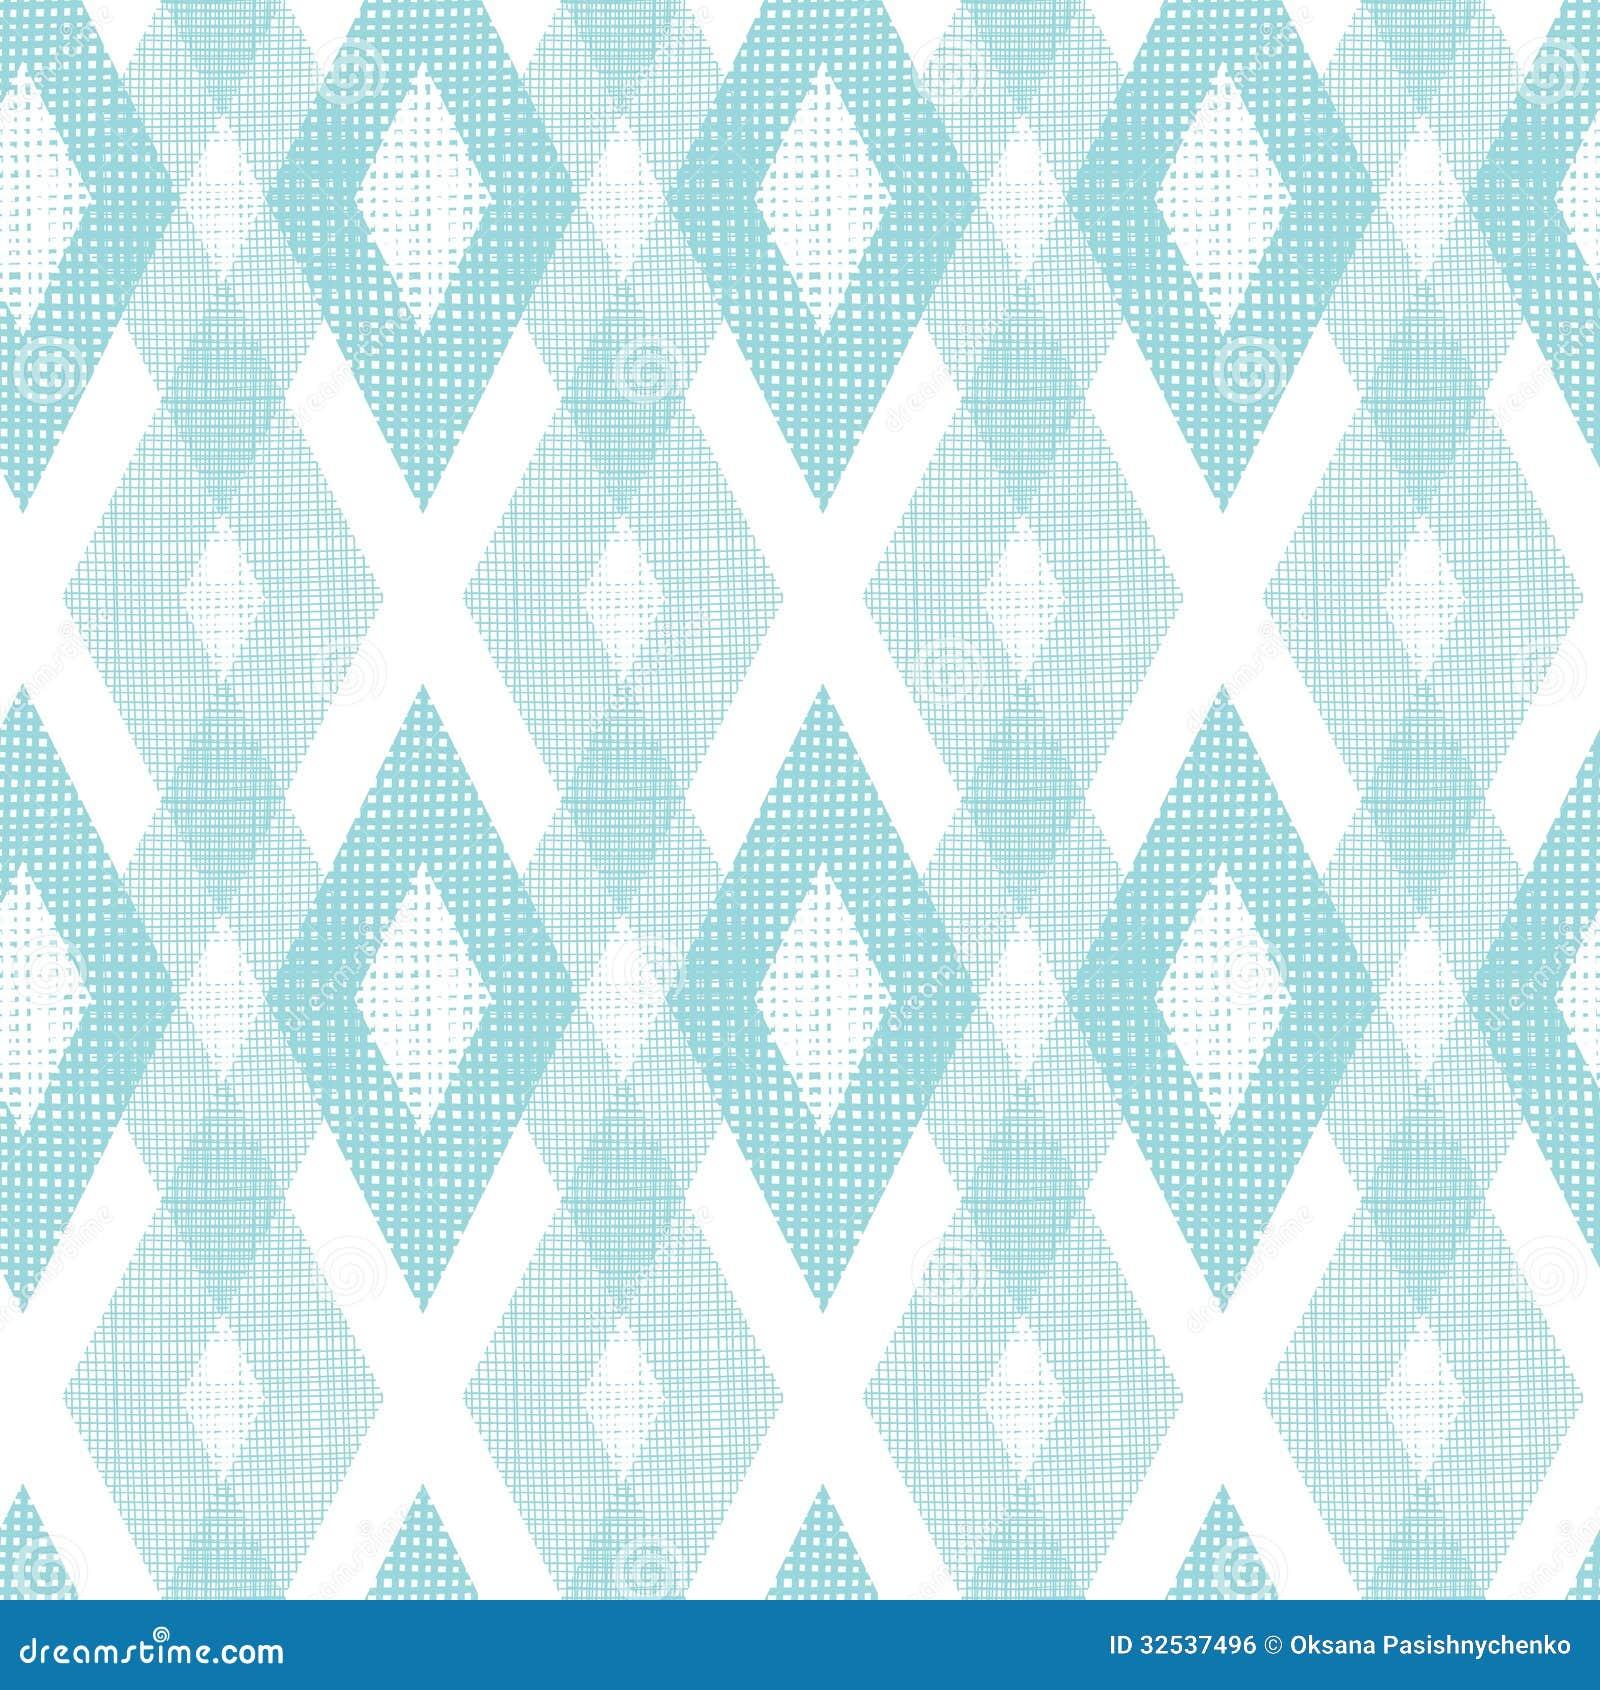 Pastel blue fabric ikat diamond seamless pattern